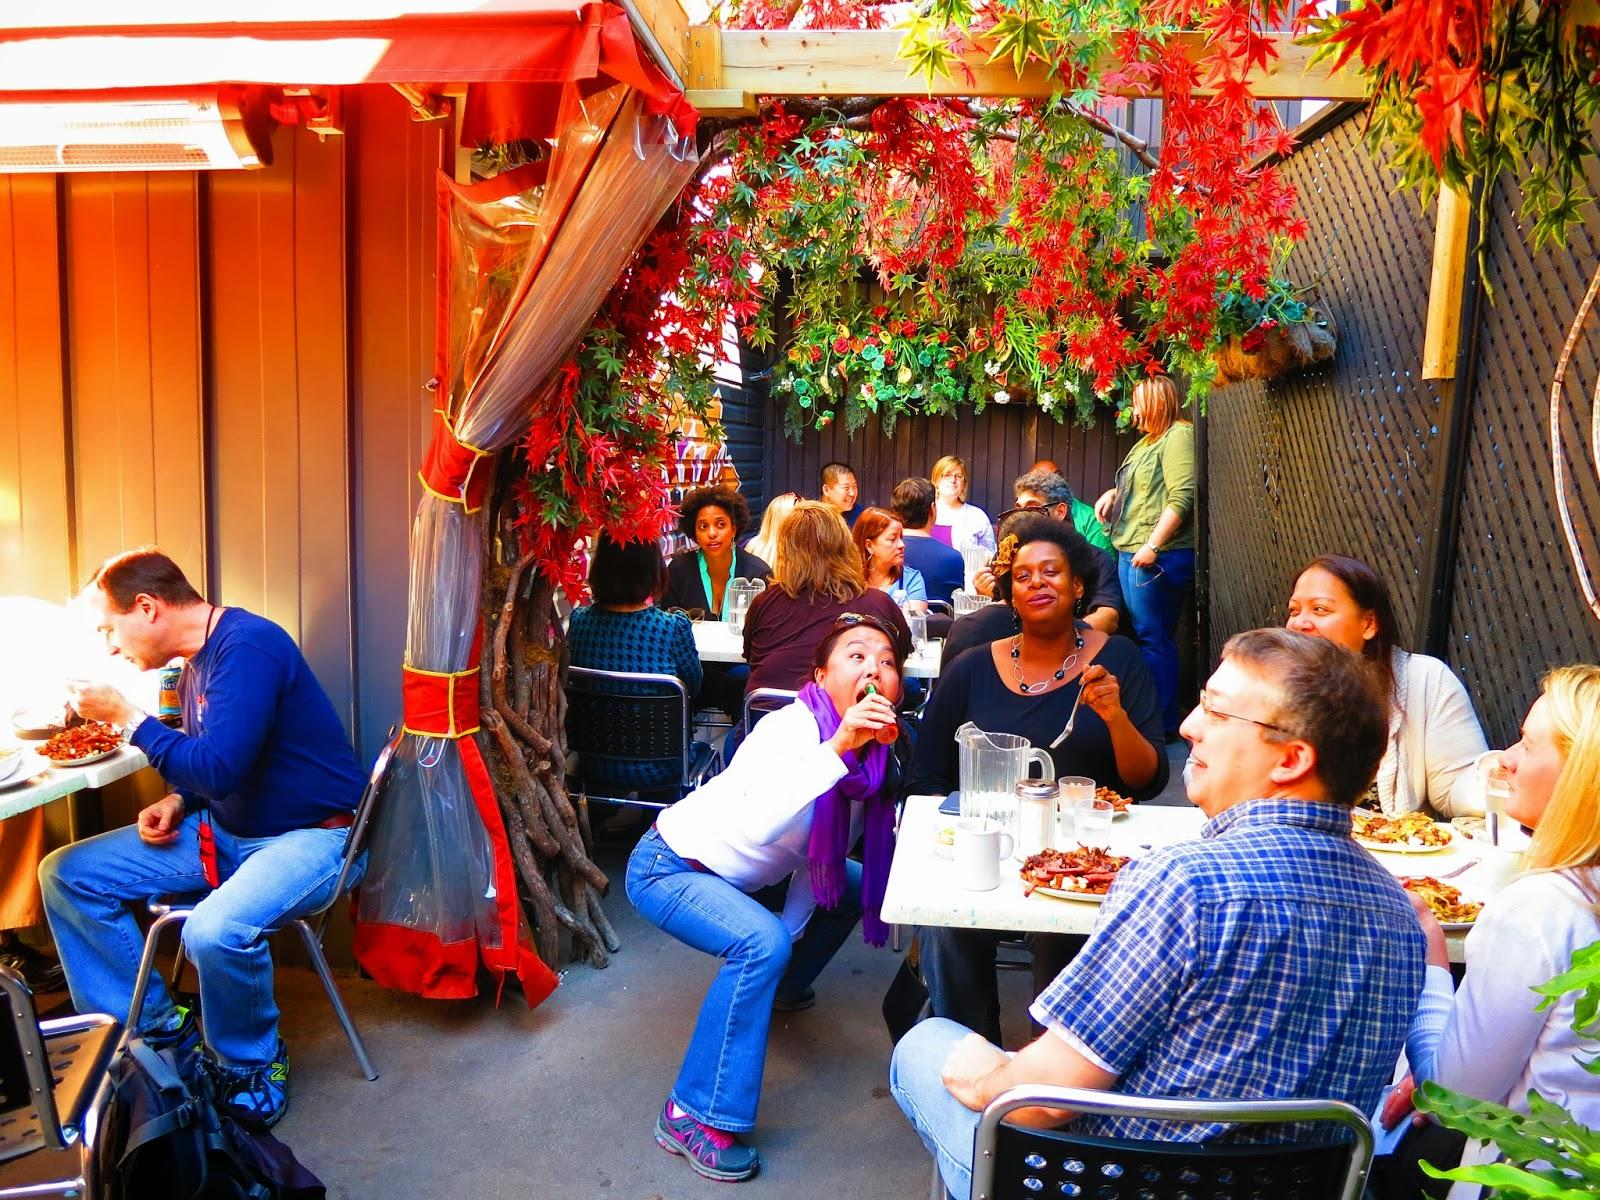 people enjoying poutine on terasse